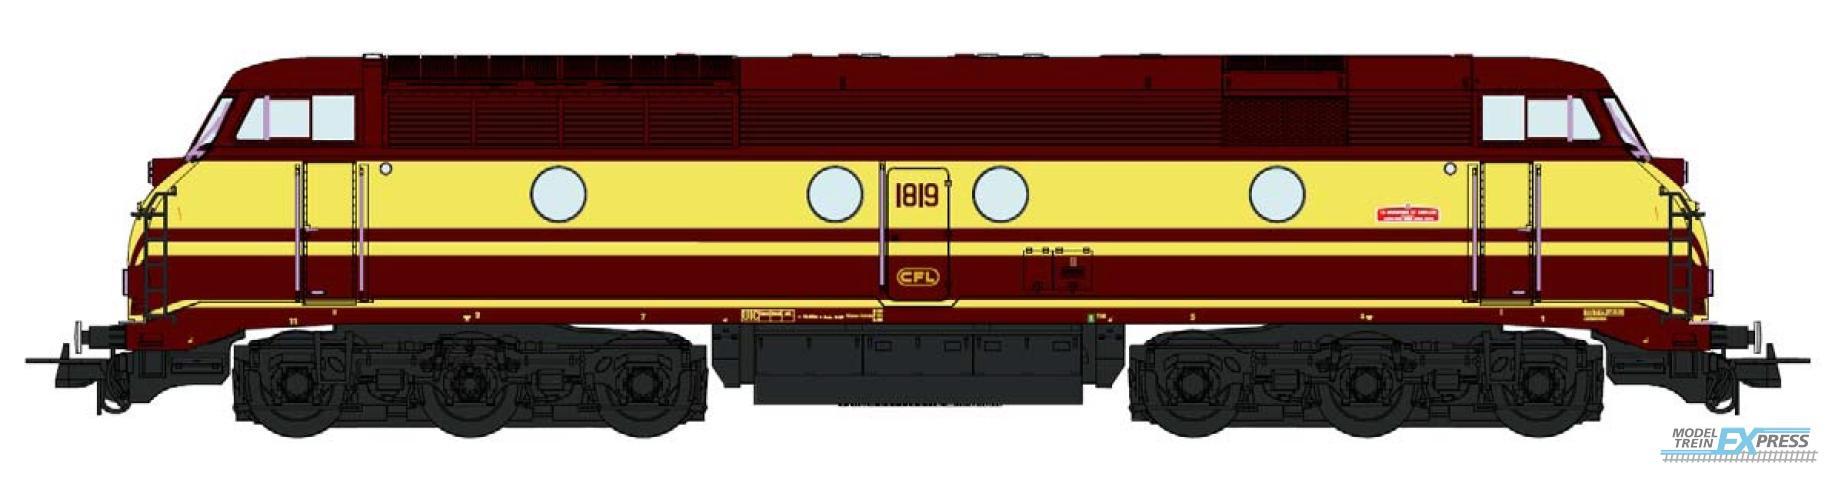 B-Models 20.909